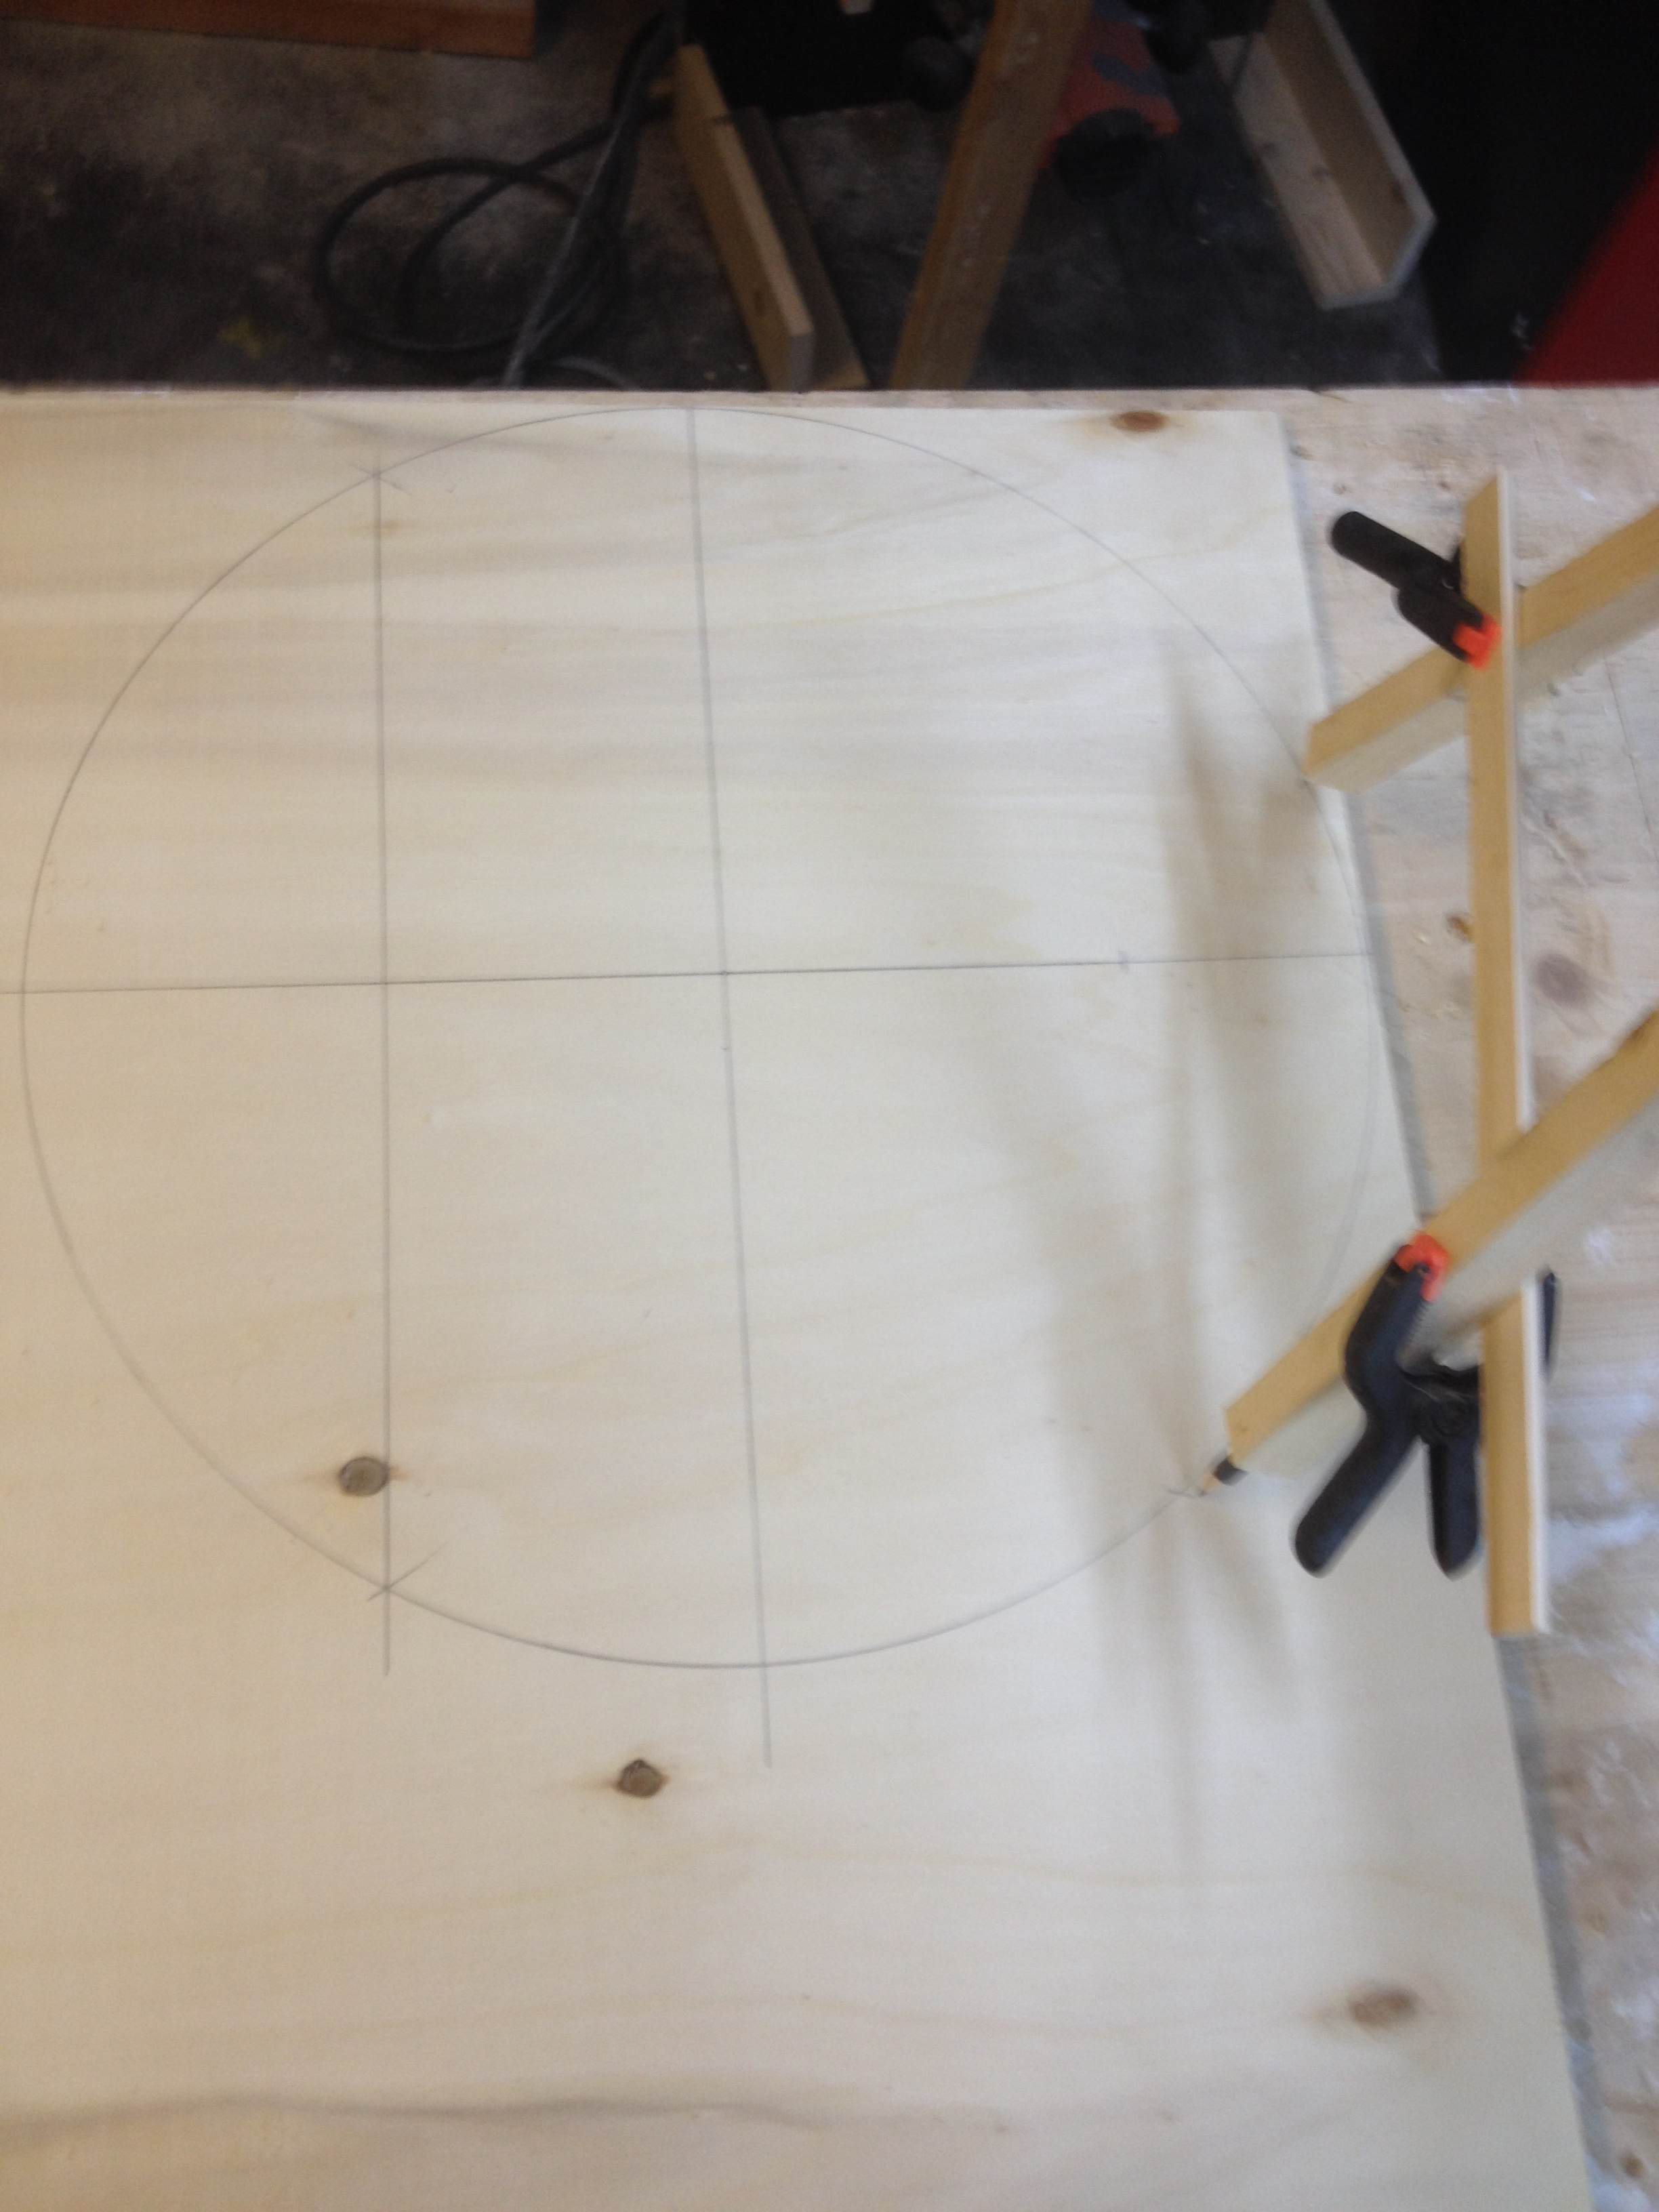 kreis malen ohne zirkel